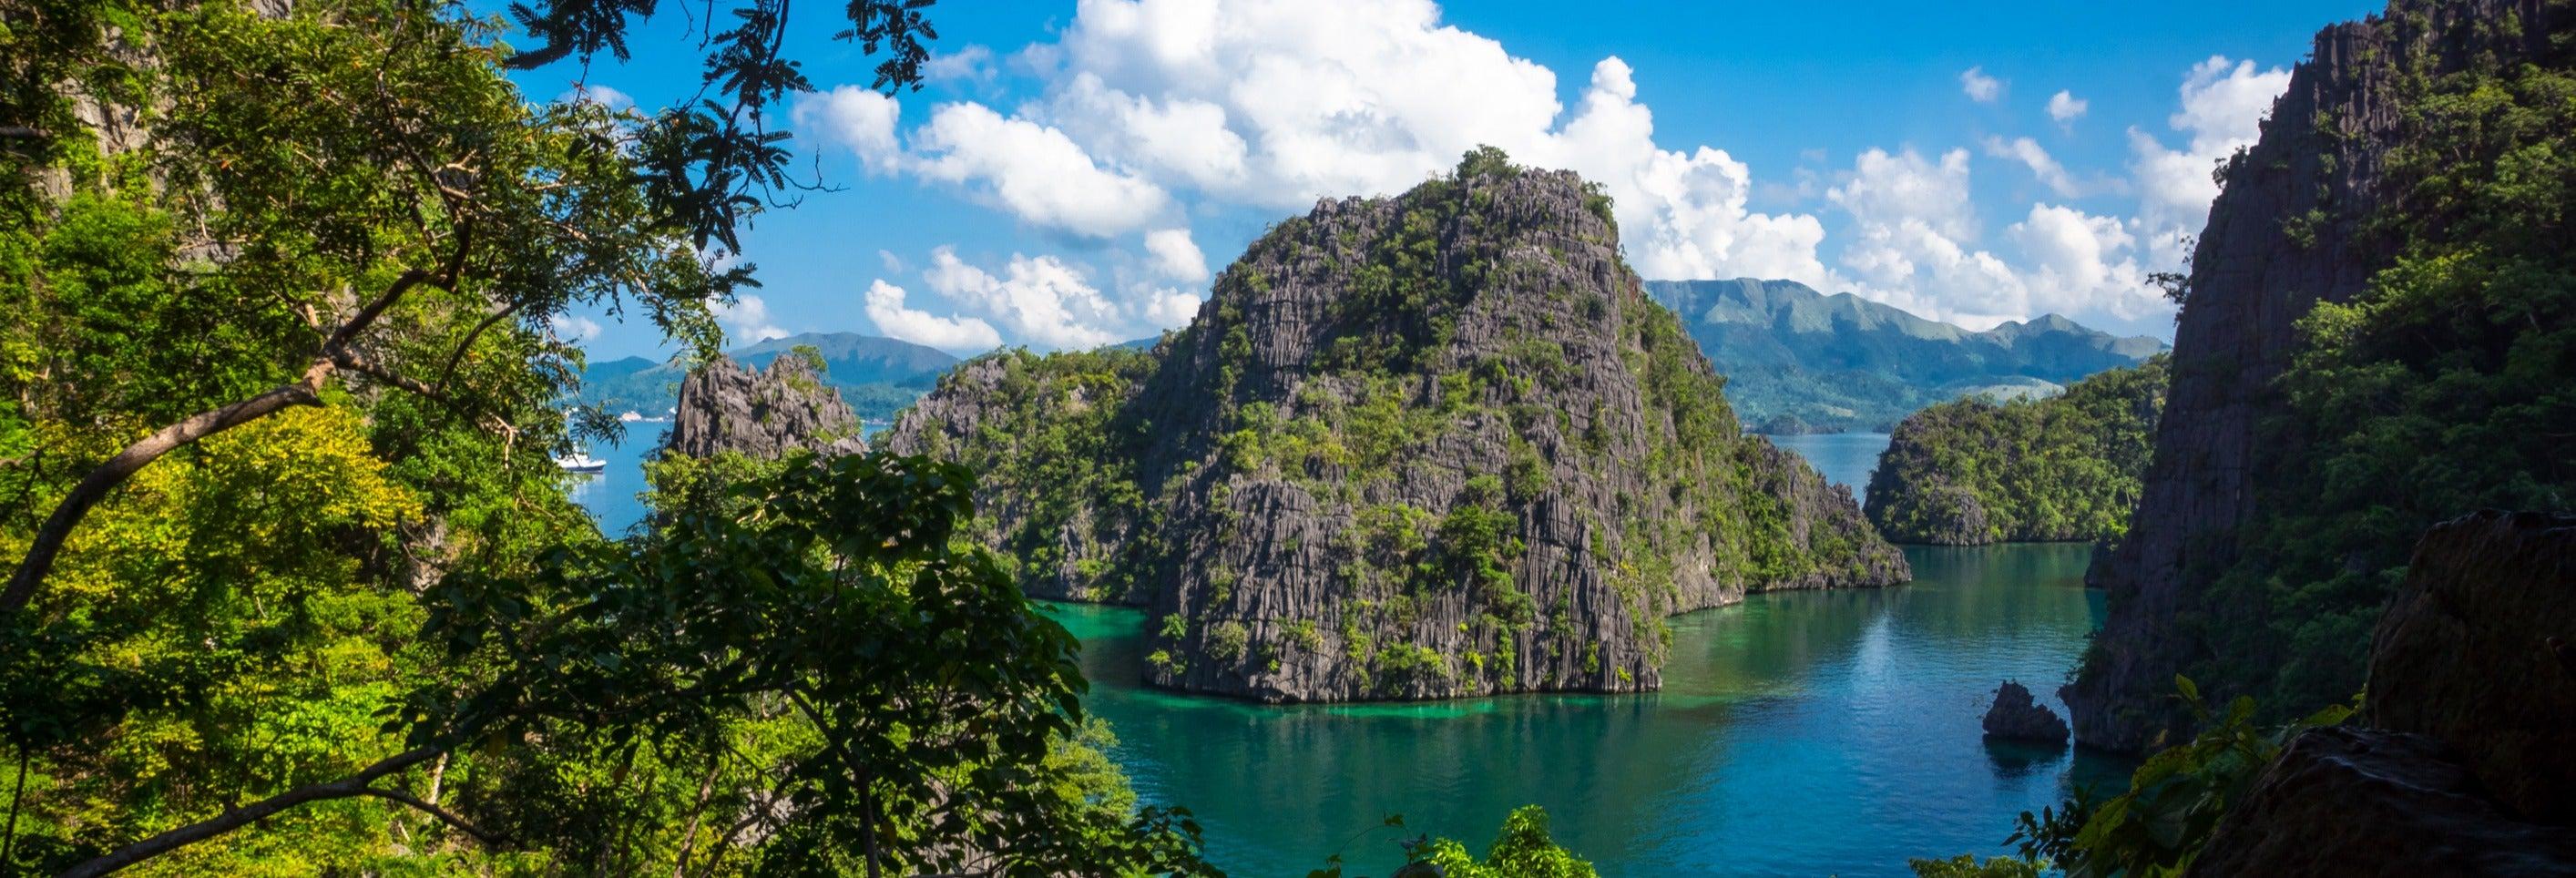 Tour por el lago Kayangan, Lagunas Gemelas y Skeleton Wreck